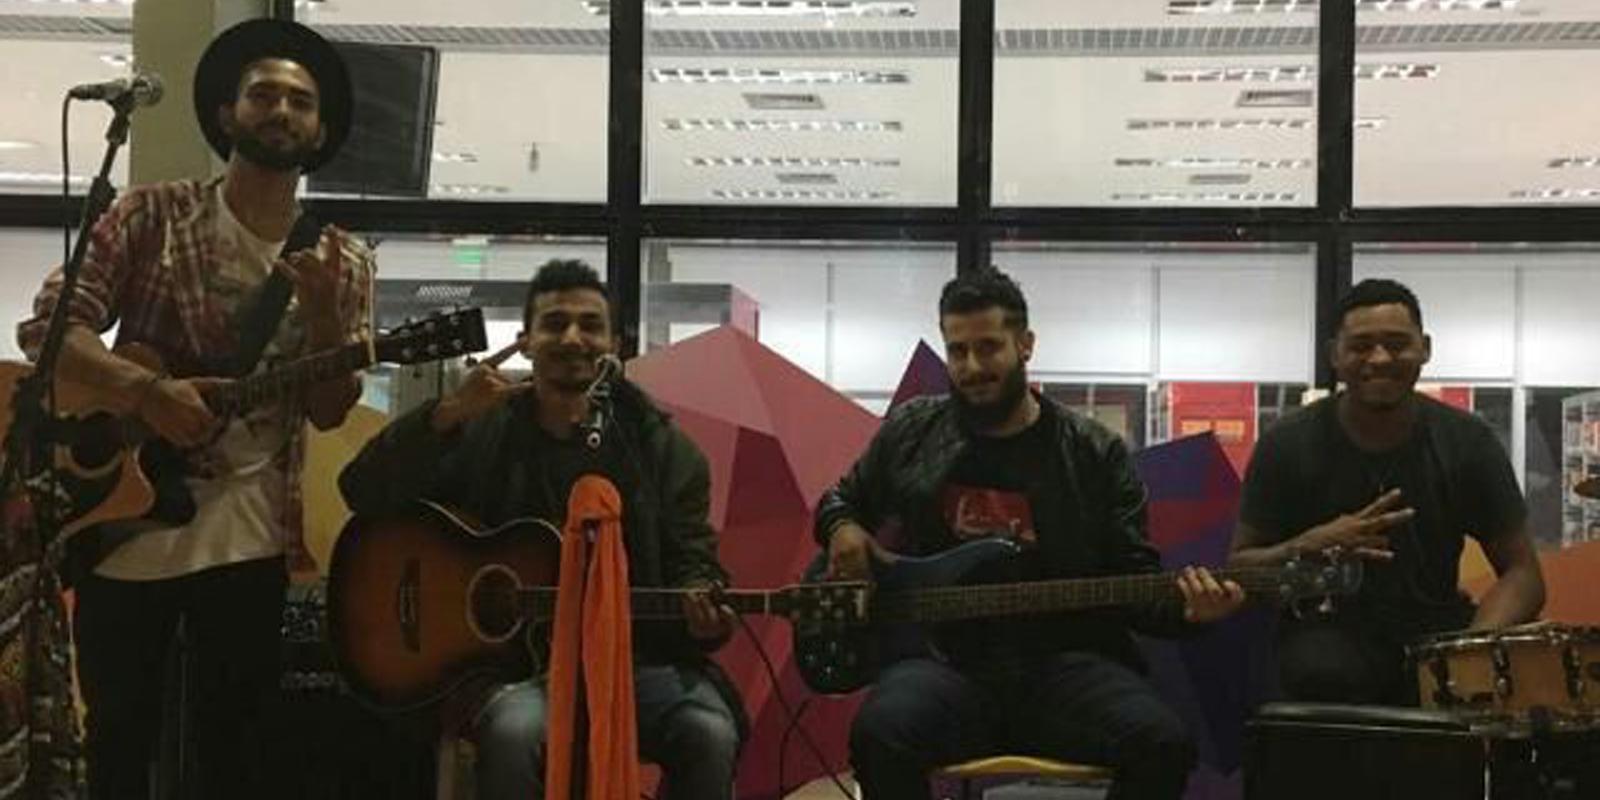 Banda Isolados se apresenta com convidado na Quarta Cultural de hoje